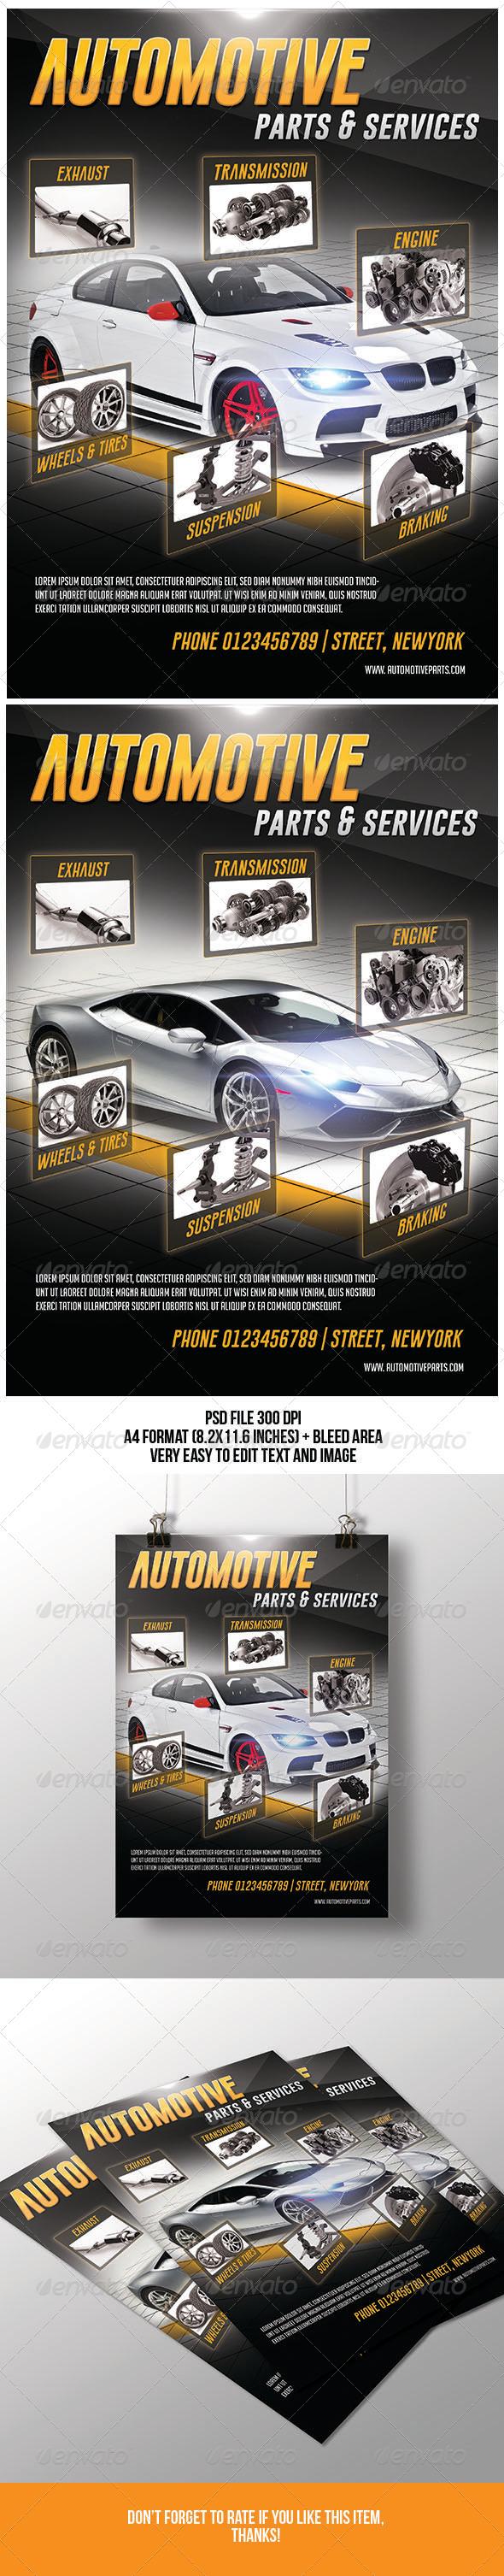 GraphicRiver Automotive Parts & Services Flyer 7144154